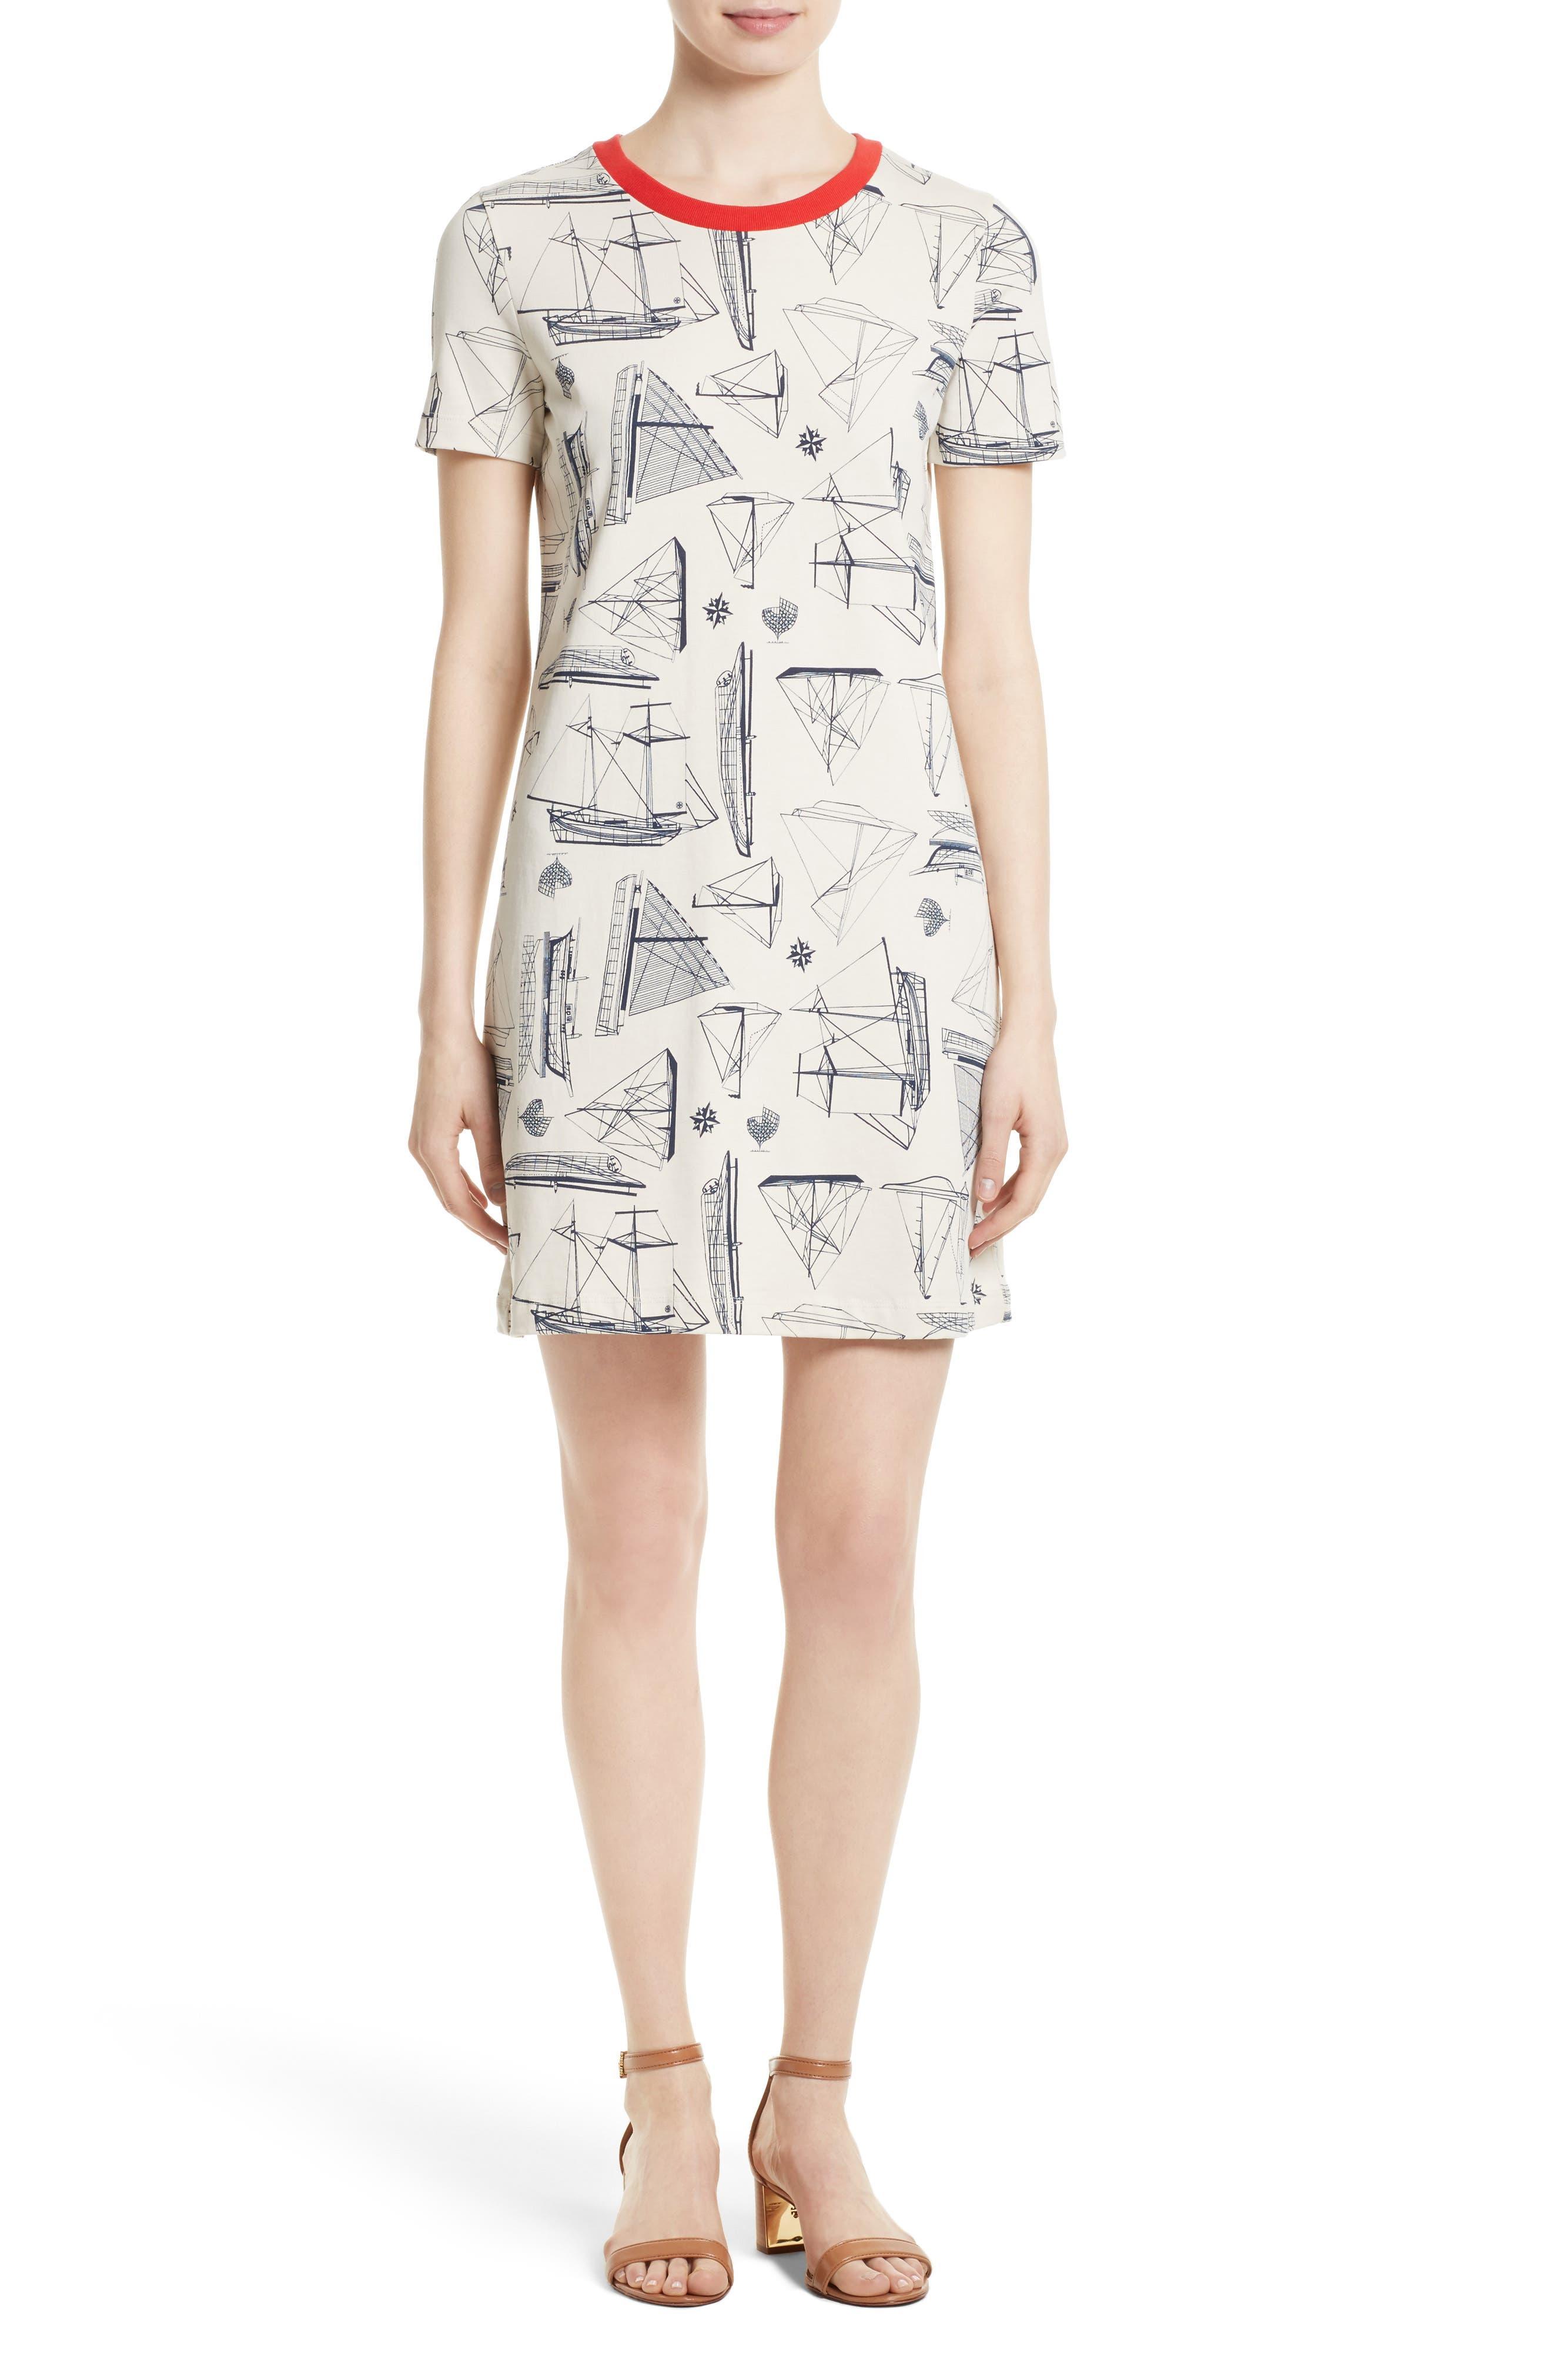 Tory Burch Adrift Print T-Shirt Dress